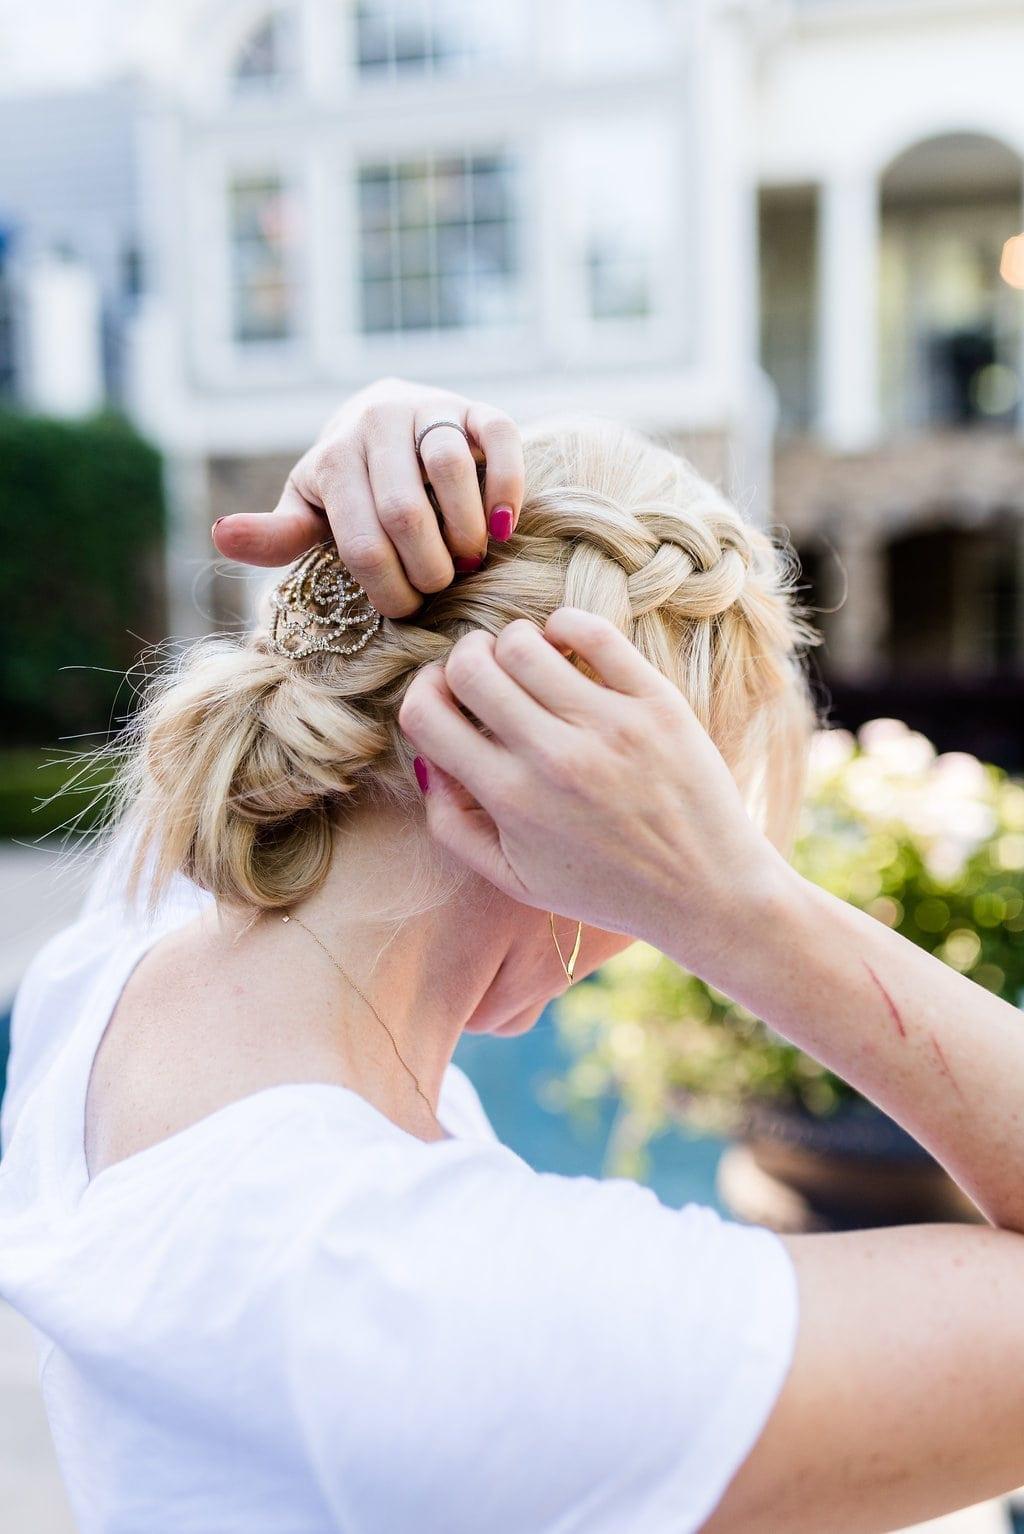 Dutch braid. How to do a dutch braid hairstyle.